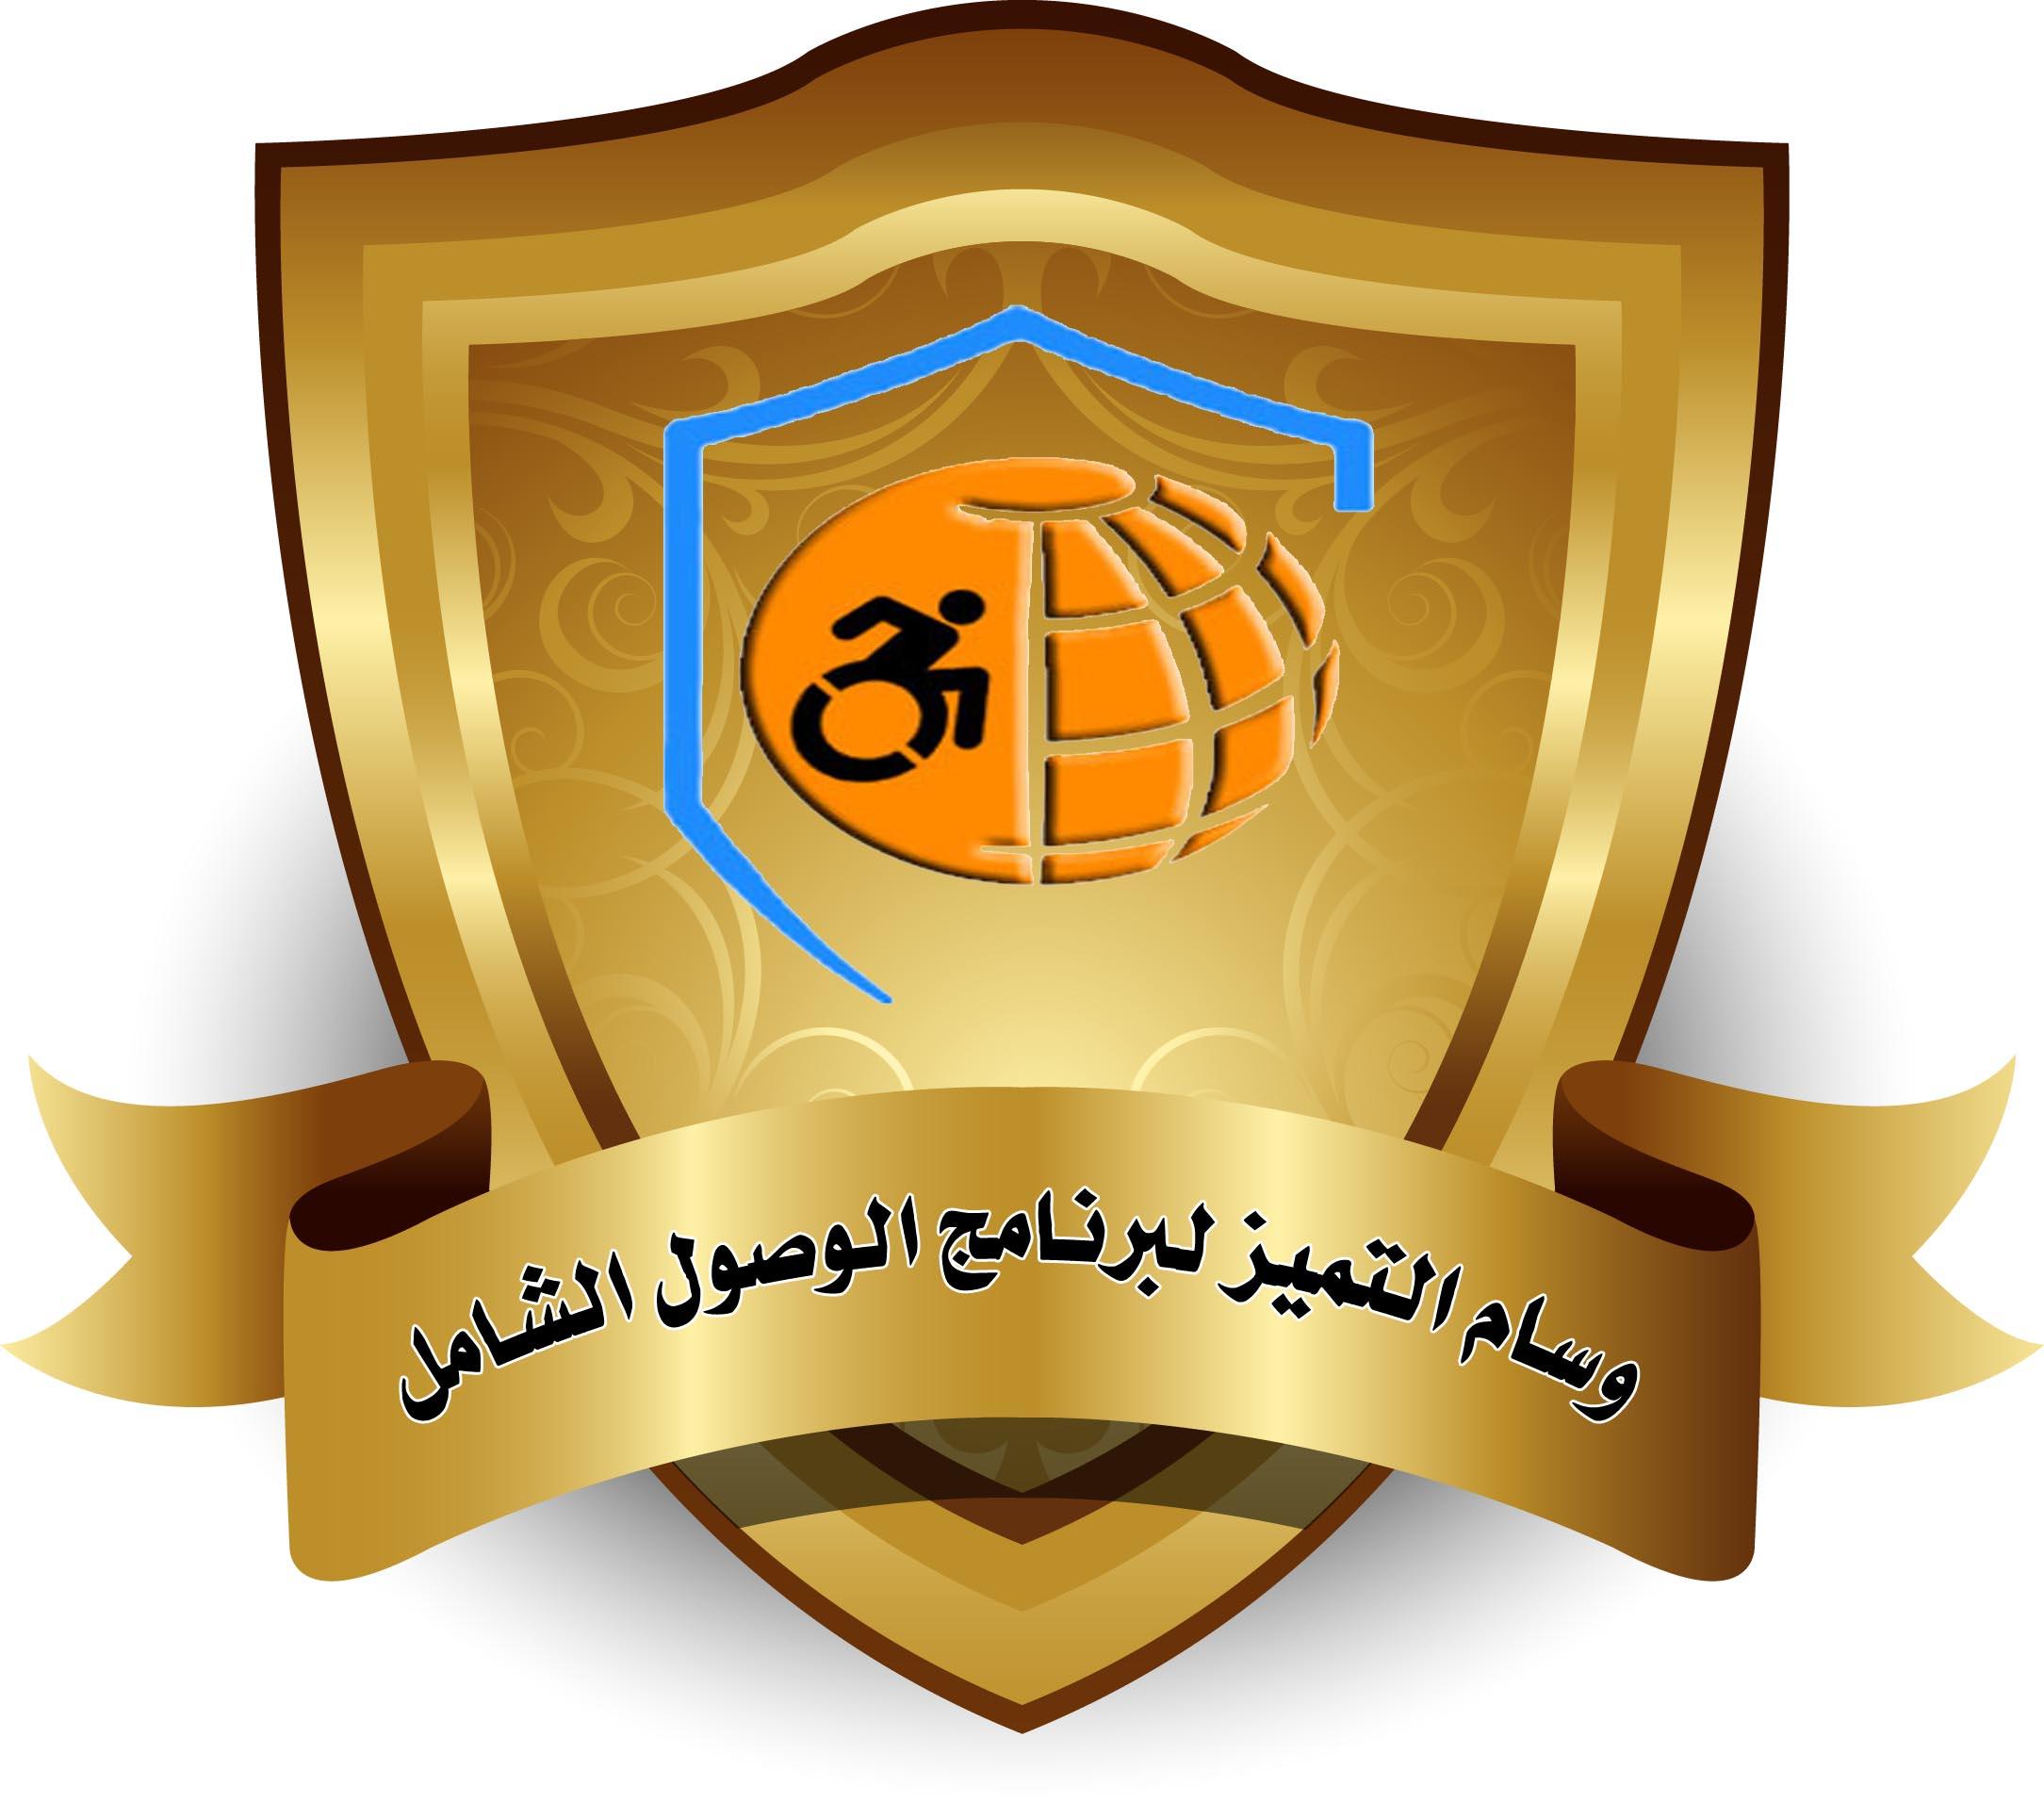 برنامج الوصول الشامل يطلق جائزة وسام التميز للمبادرات الهادفة لرفع كفائة الجامعة فى خدمة ذوي الاعاقة